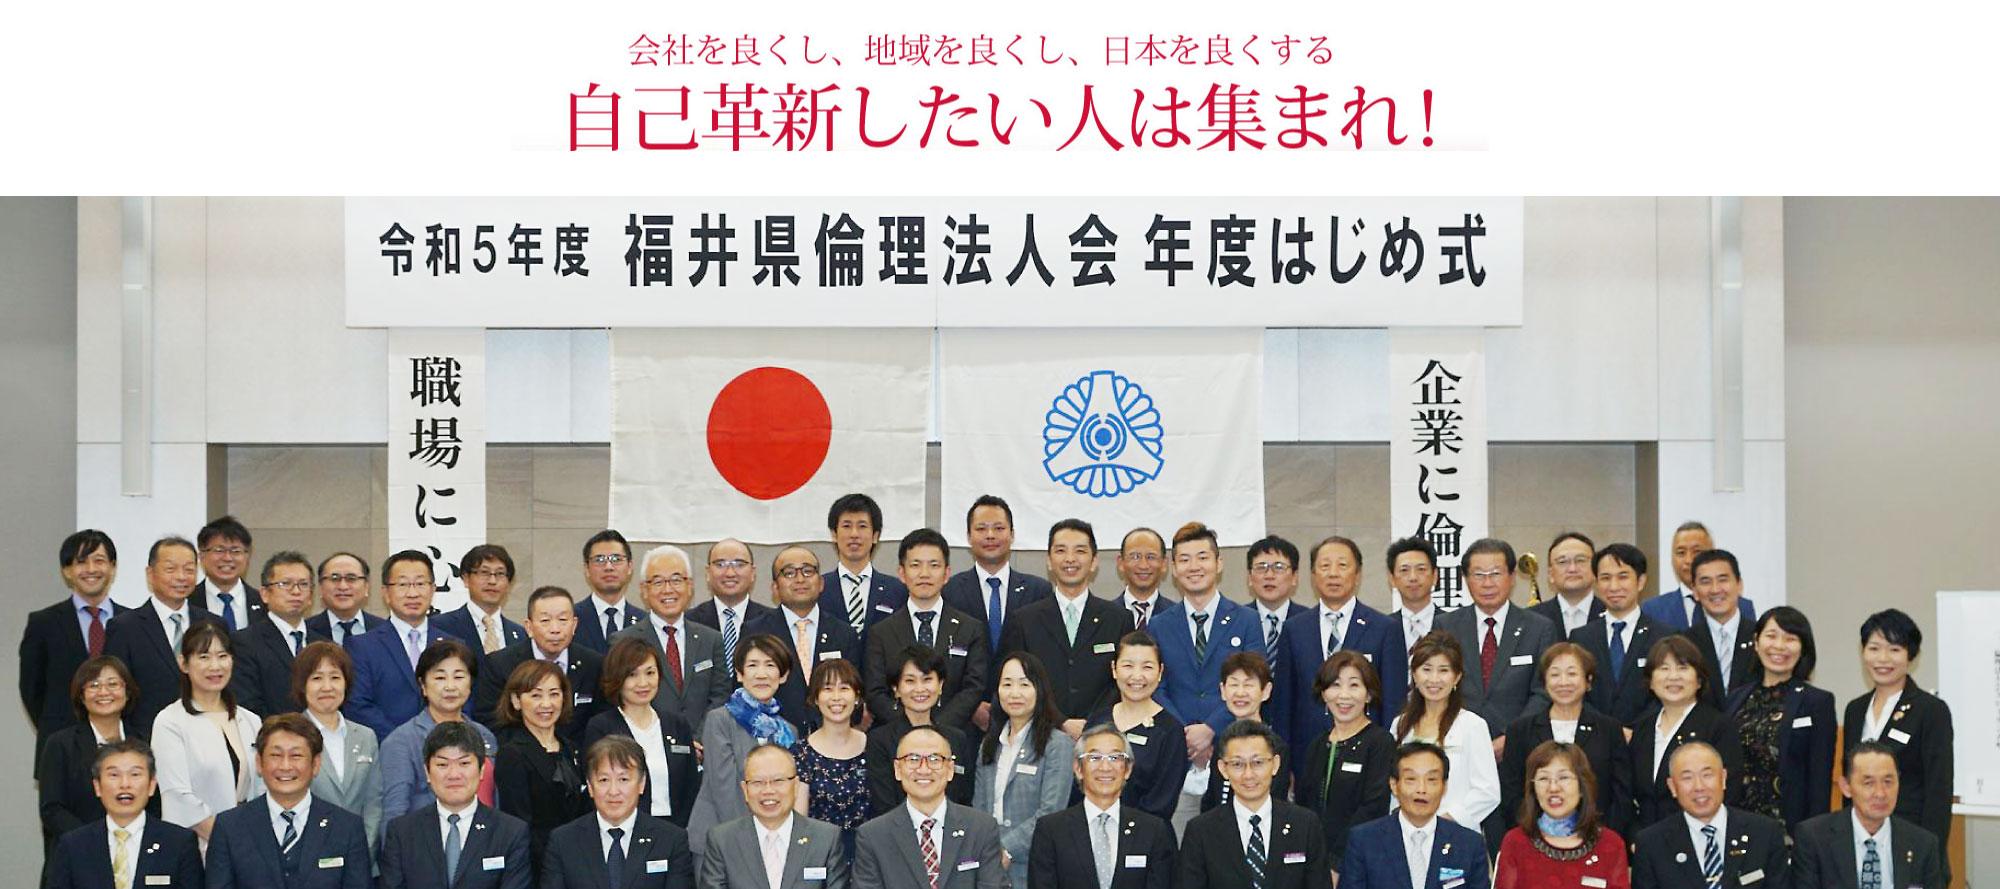 福井県で自己革新したい人は福井県倫理法人会に